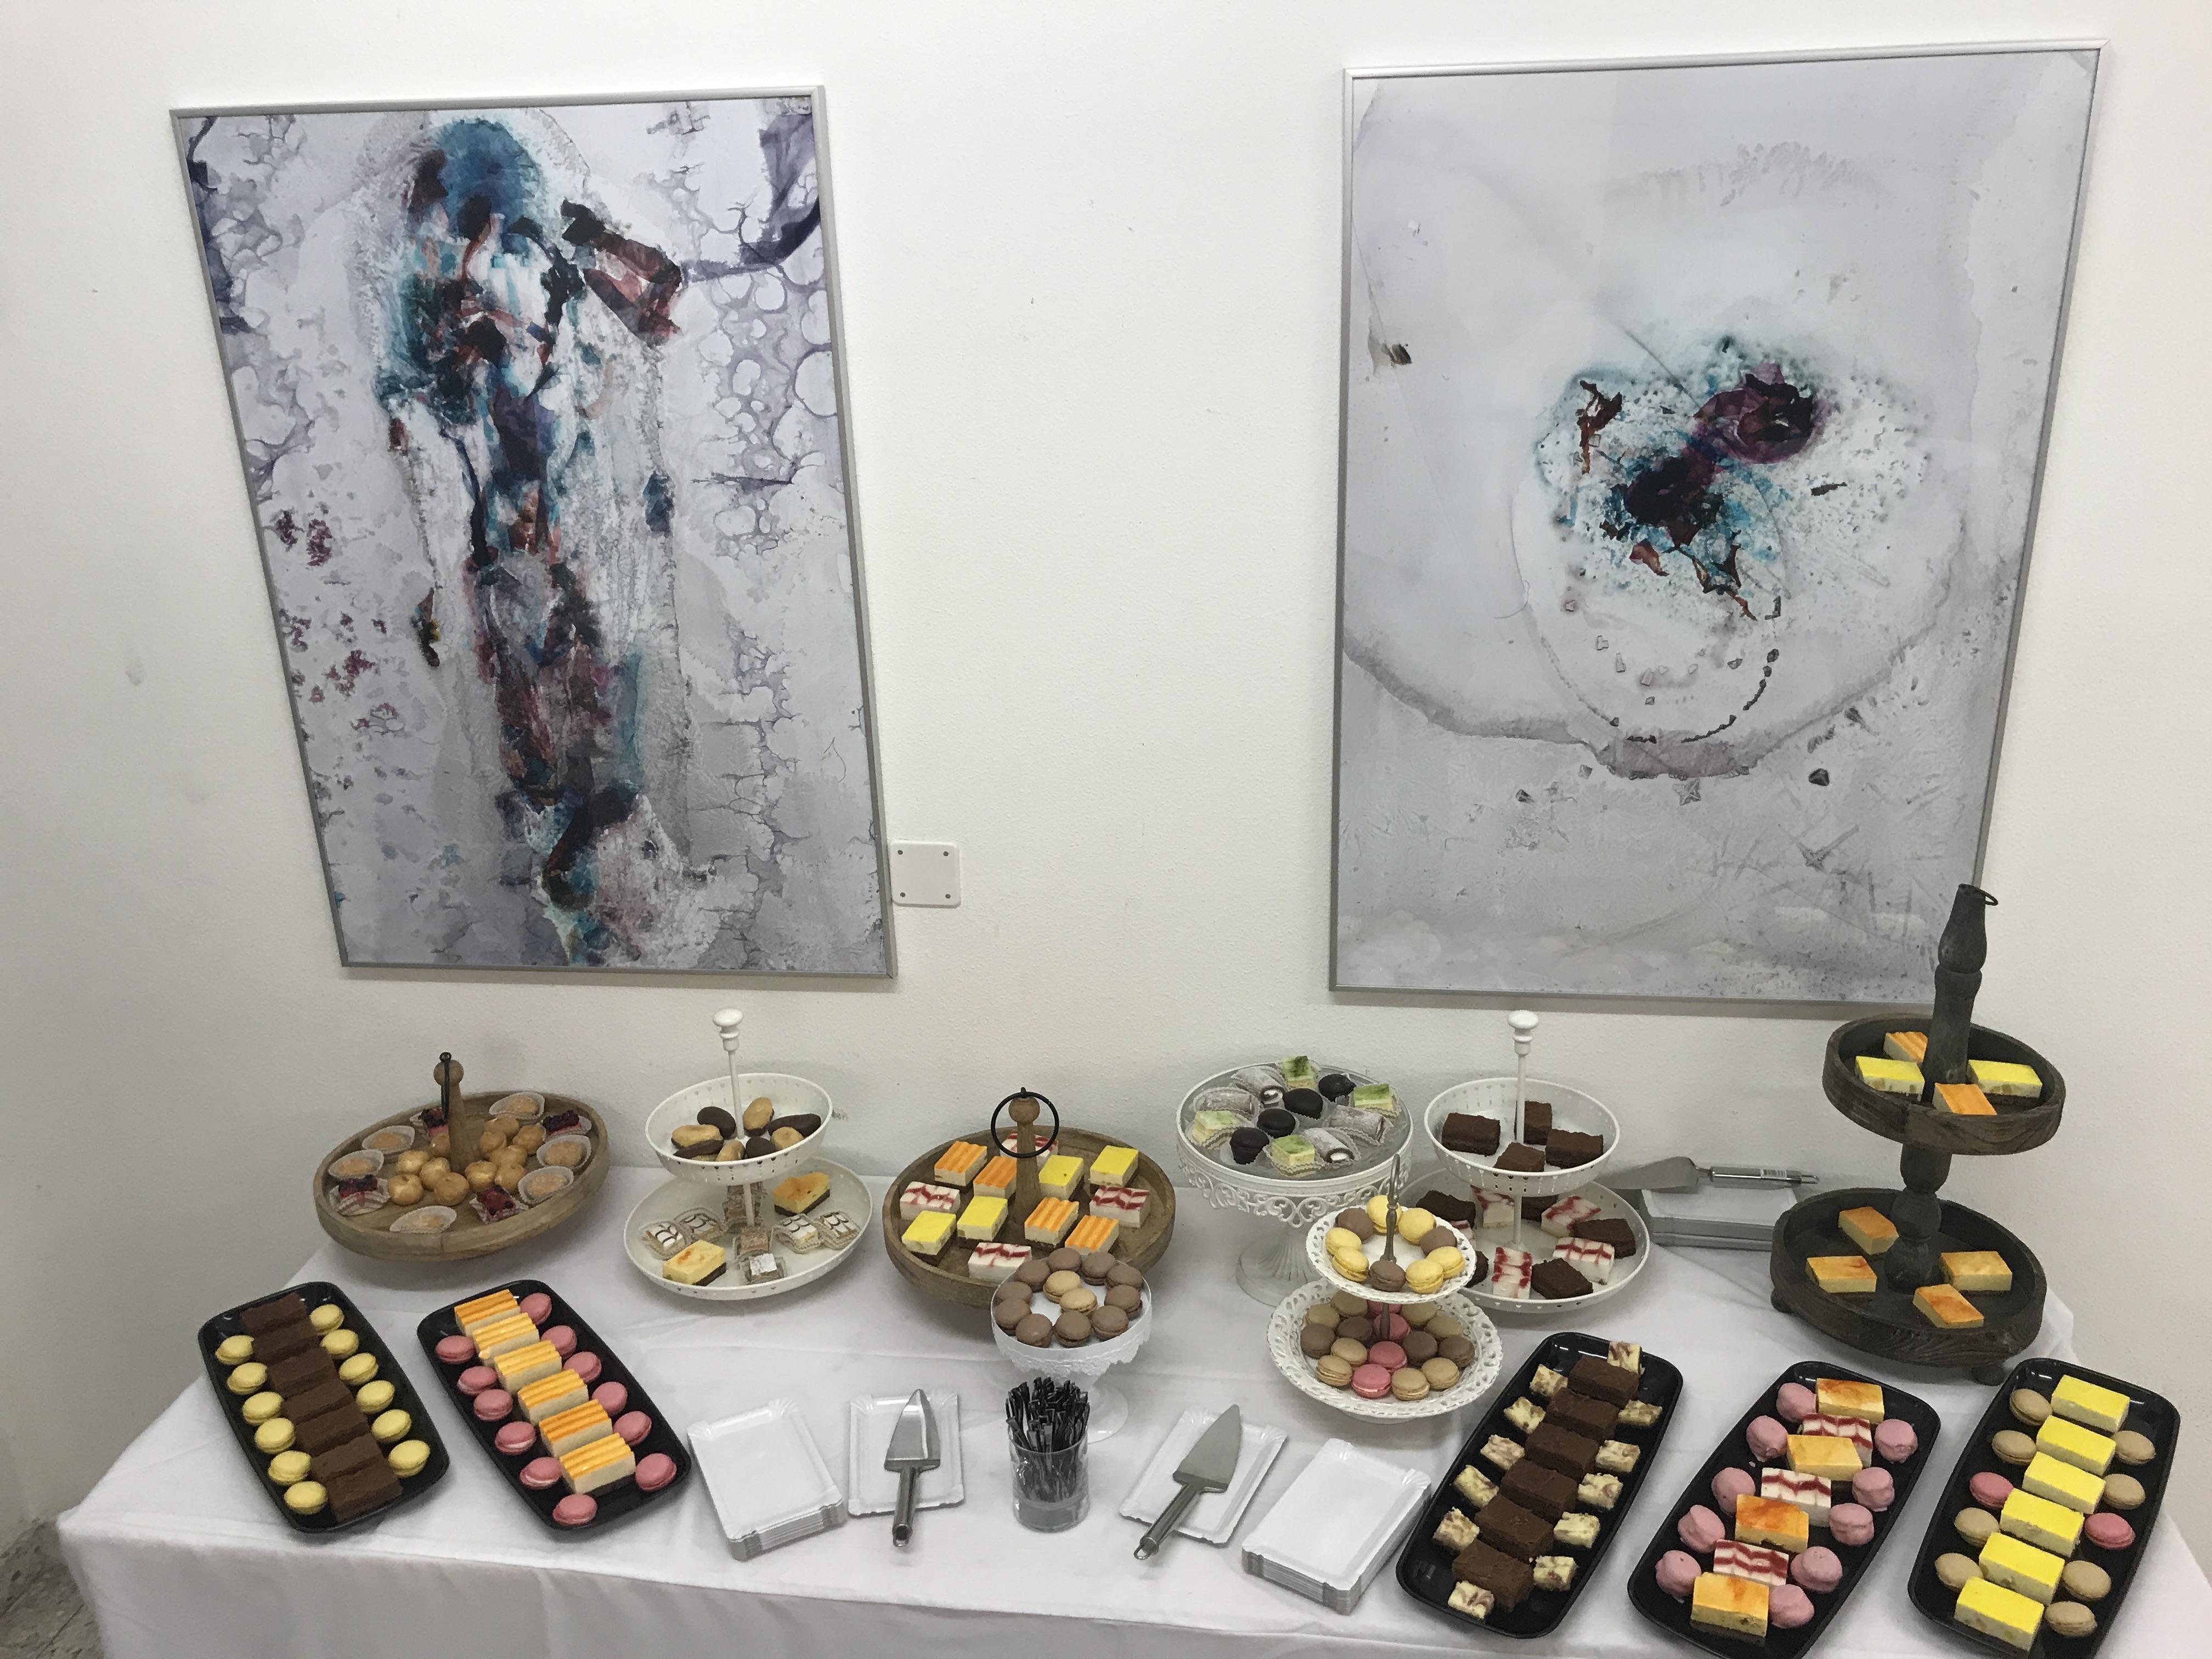 Desertbuffet - Abschiedsapéro